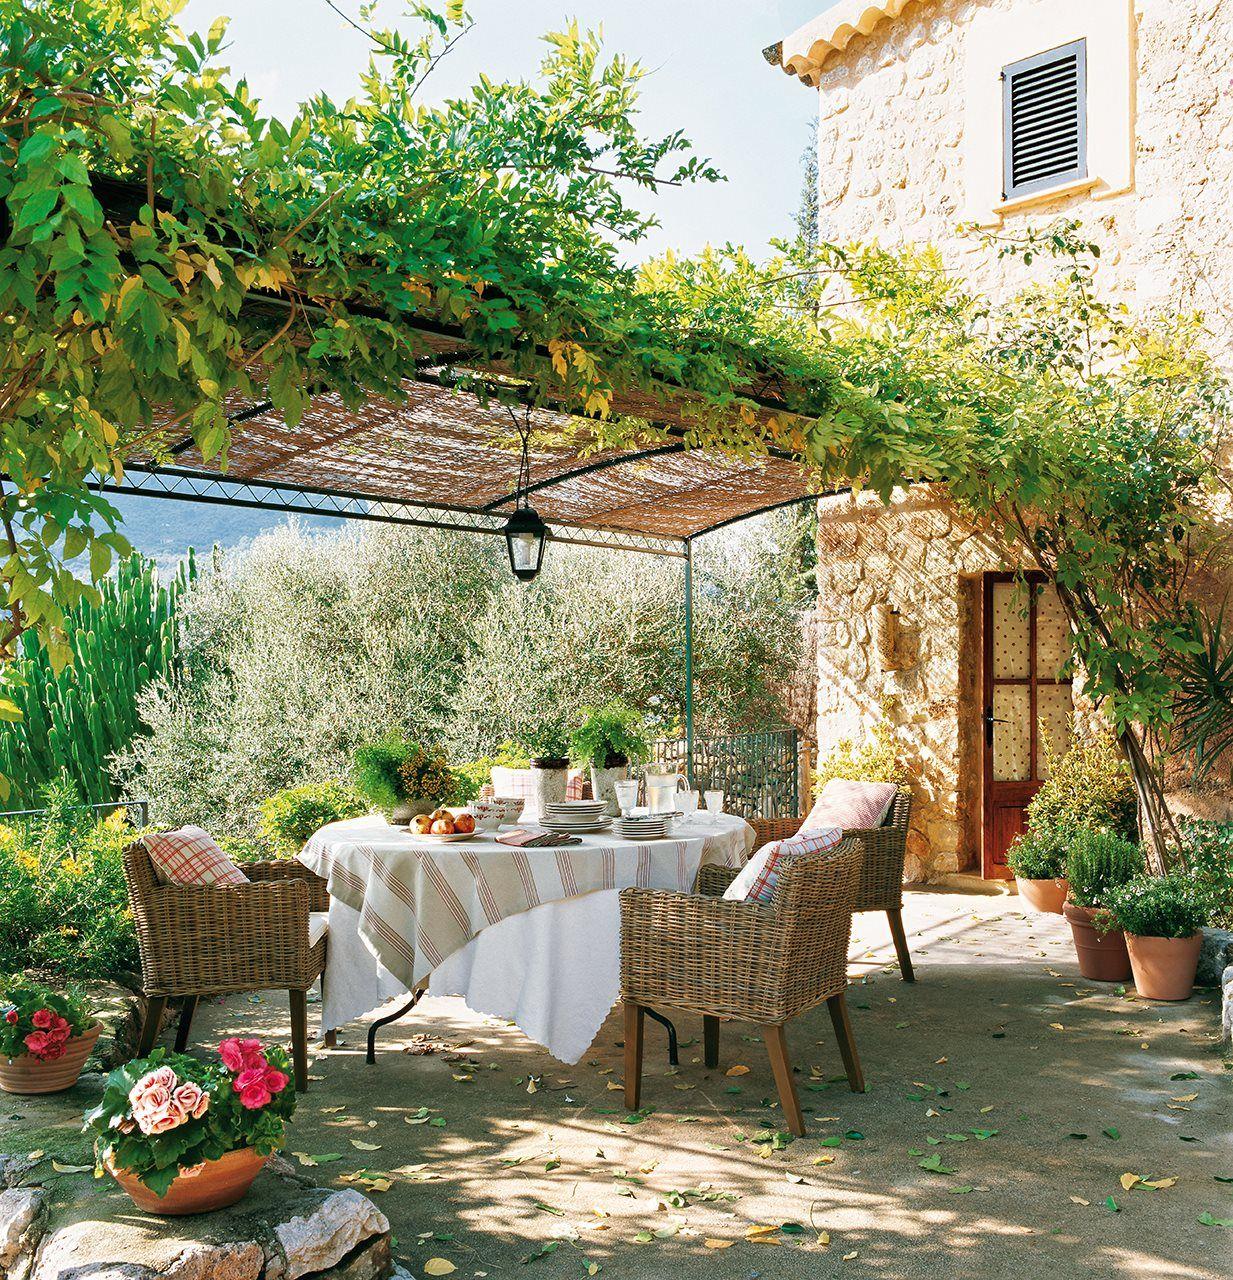 15 comedores con encanto al aire libre for Comedores de terraza baratos